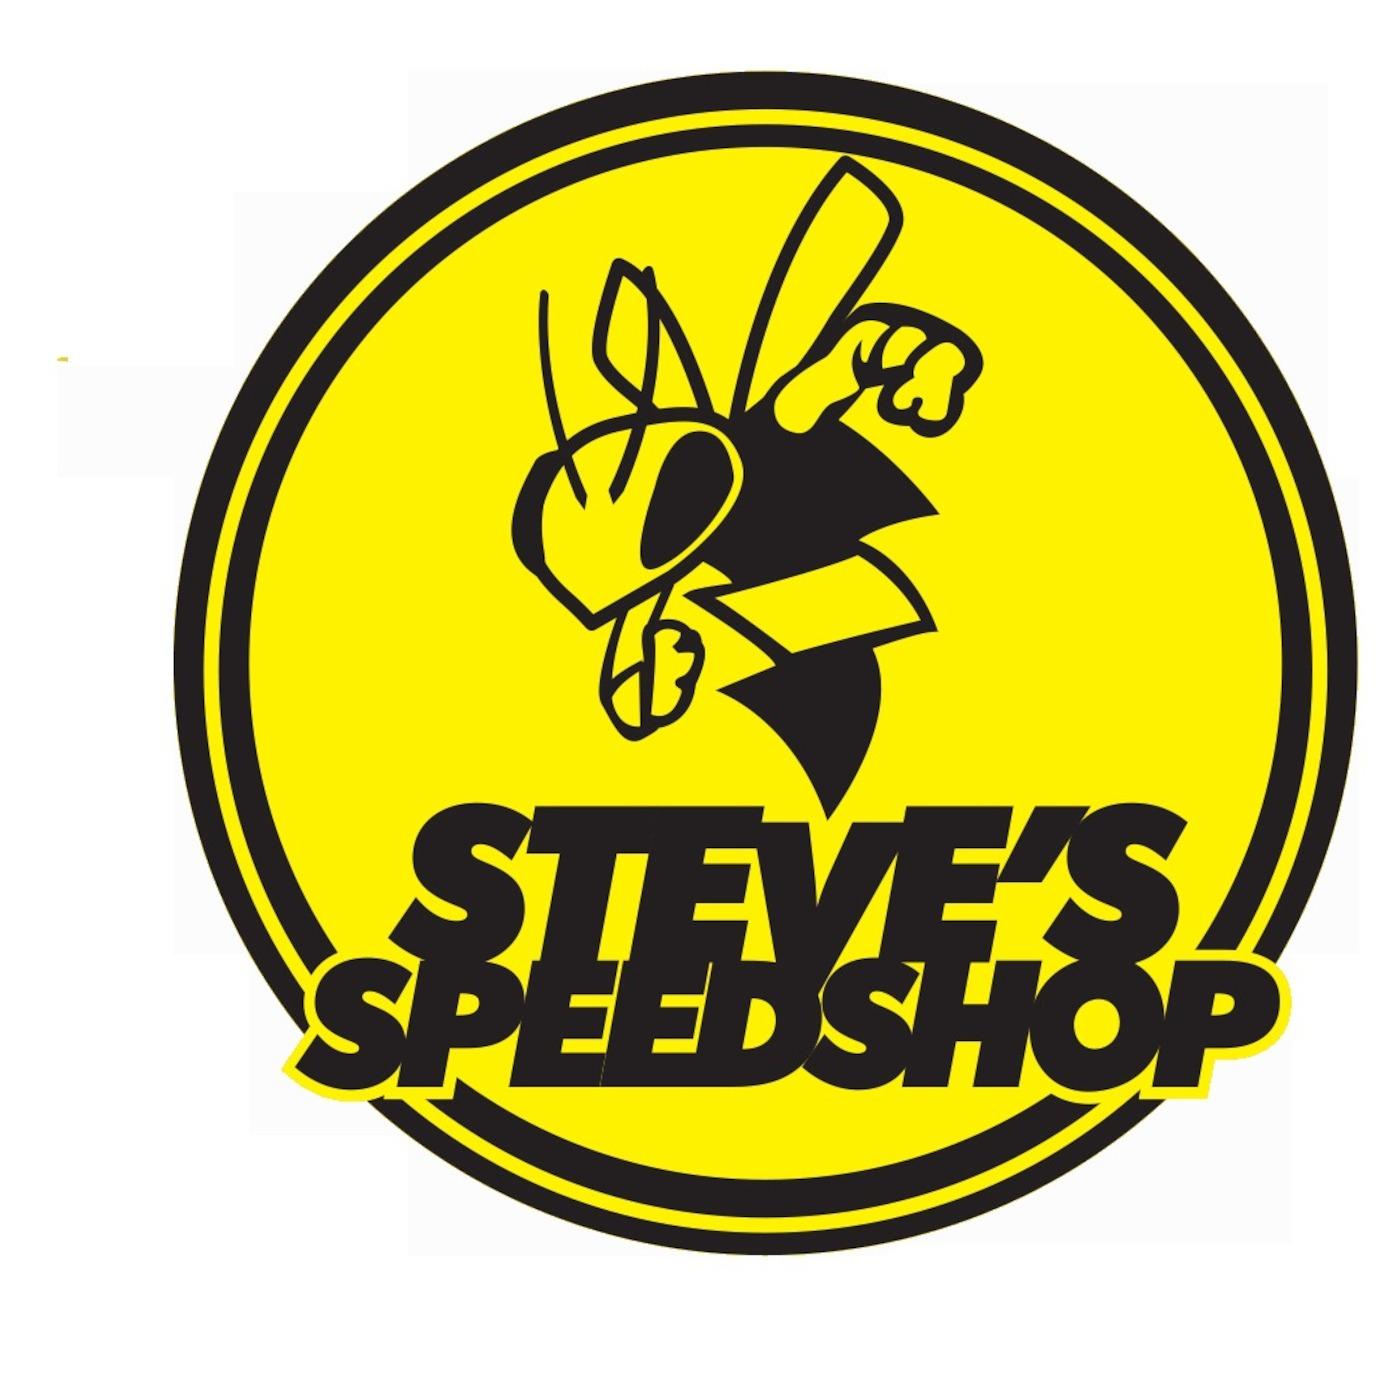 Steve Berry's Speedshop